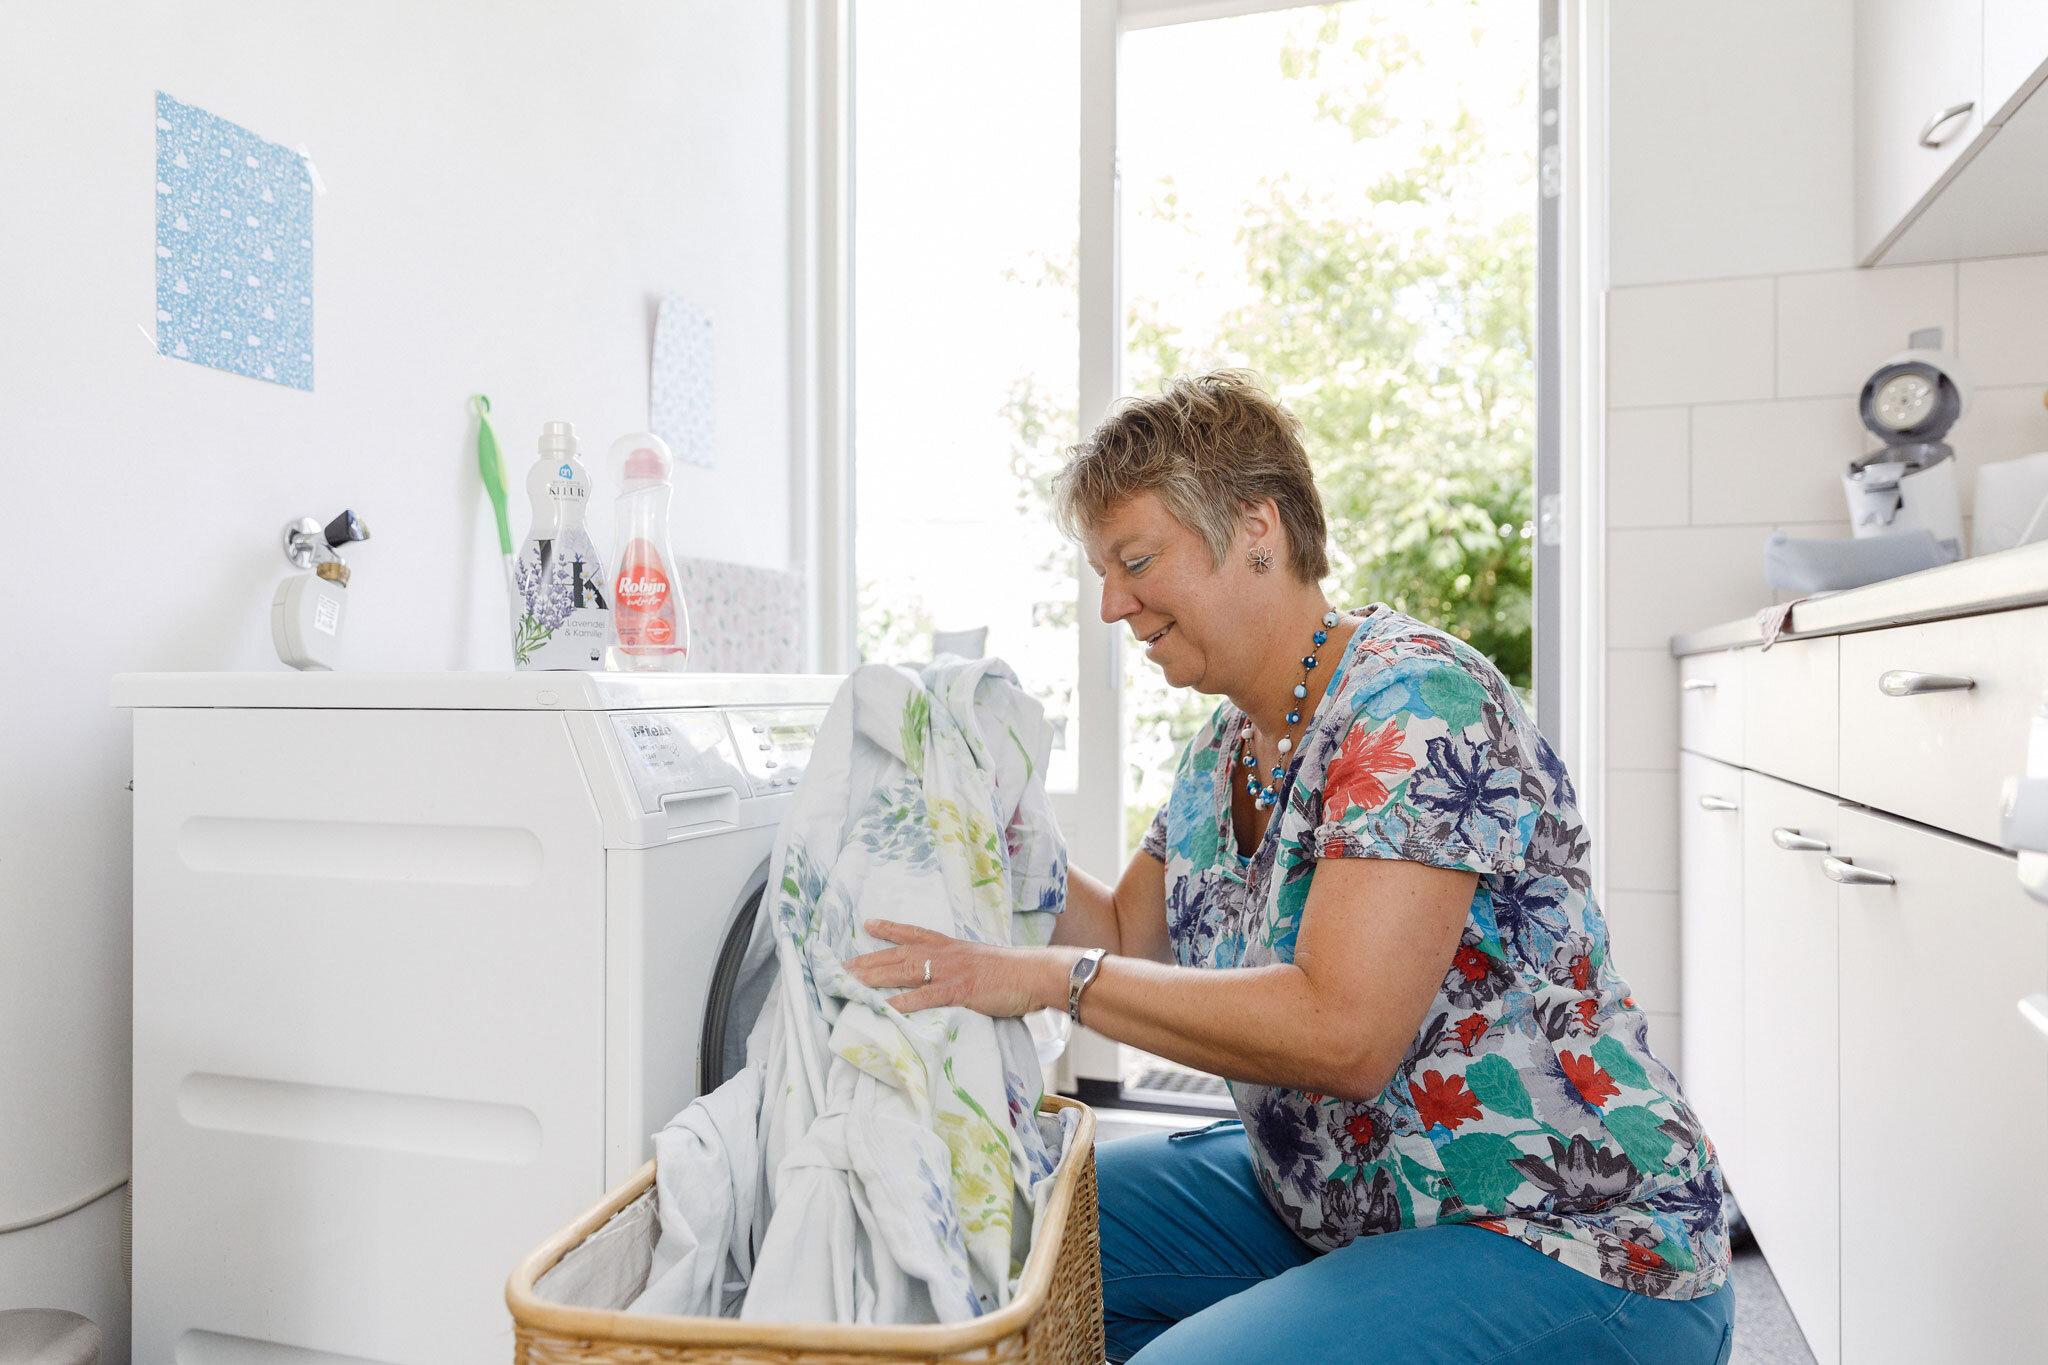 portret-huurder-wasmachine.jpg